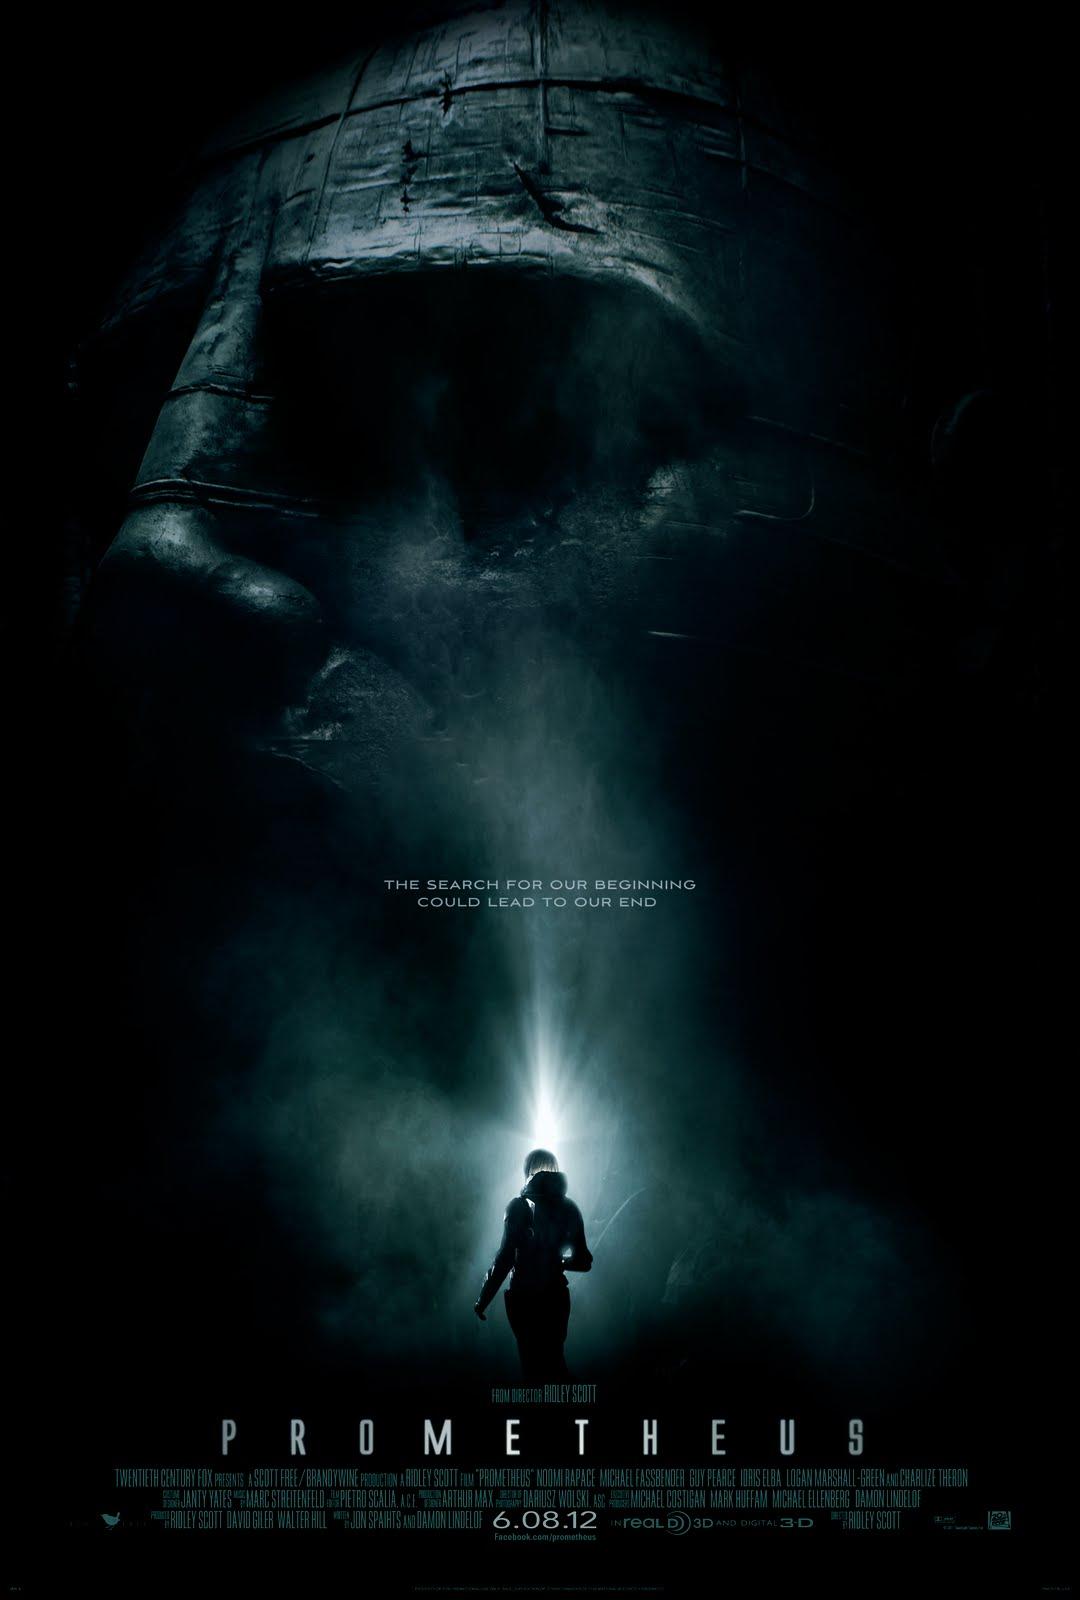 http://3.bp.blogspot.com/-txEPJIh5idI/TunHGux9EqI/AAAAAAAACTU/mD1b0lXBSTw/s1600/promethesus-movie-poster-2012-ridley-scott.jpg